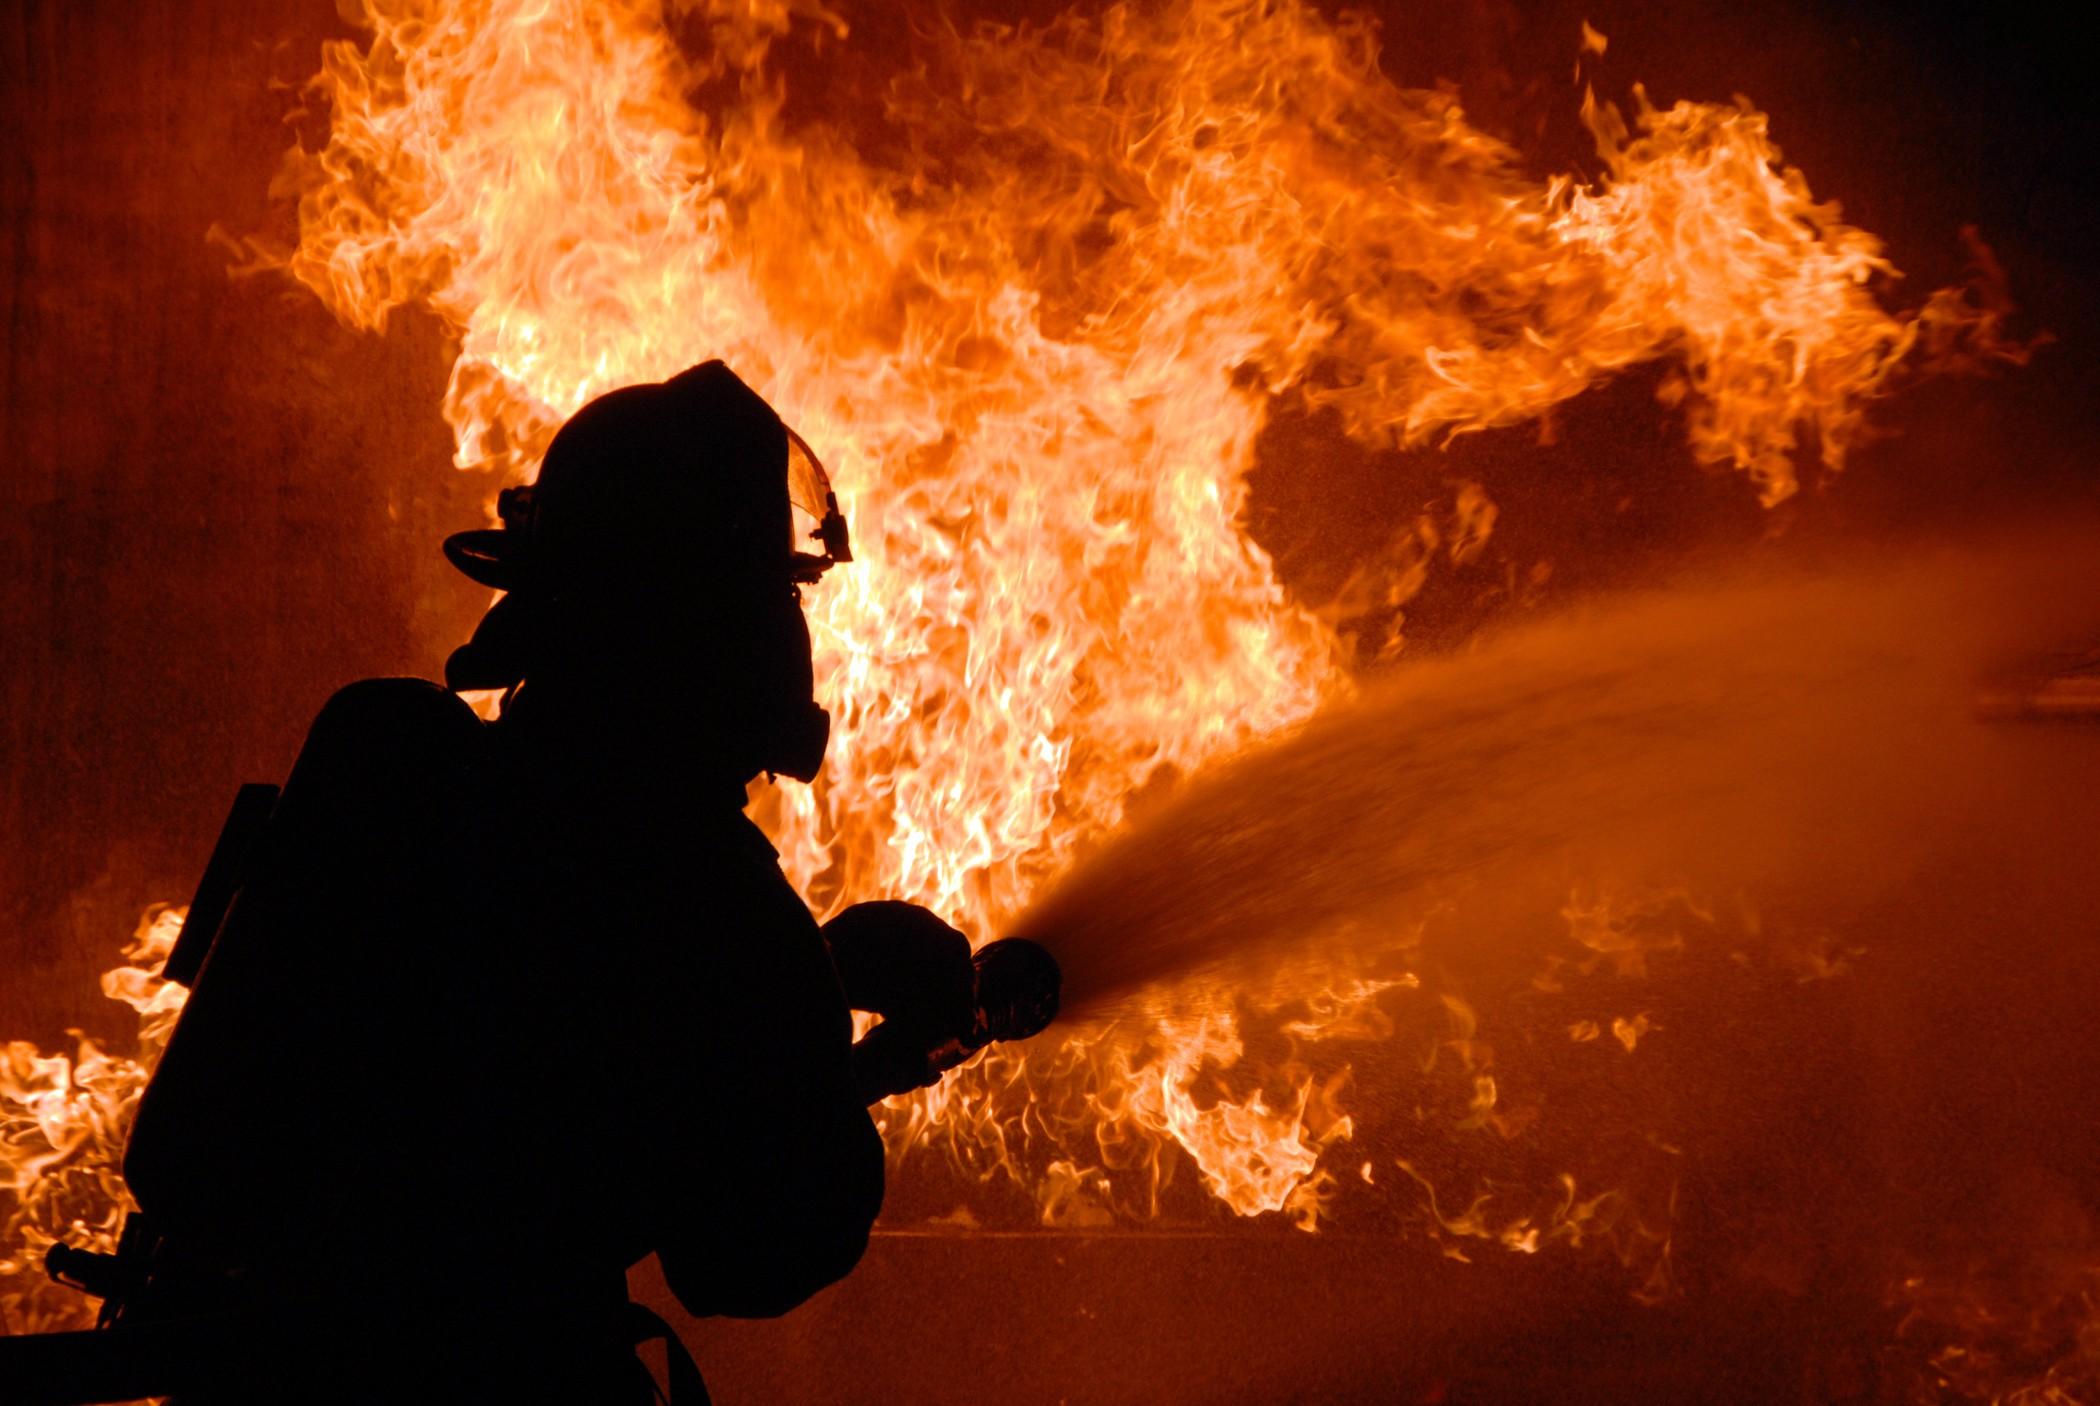 Спасатели ликвидируют последствия пожара в многоэтажке Харькова